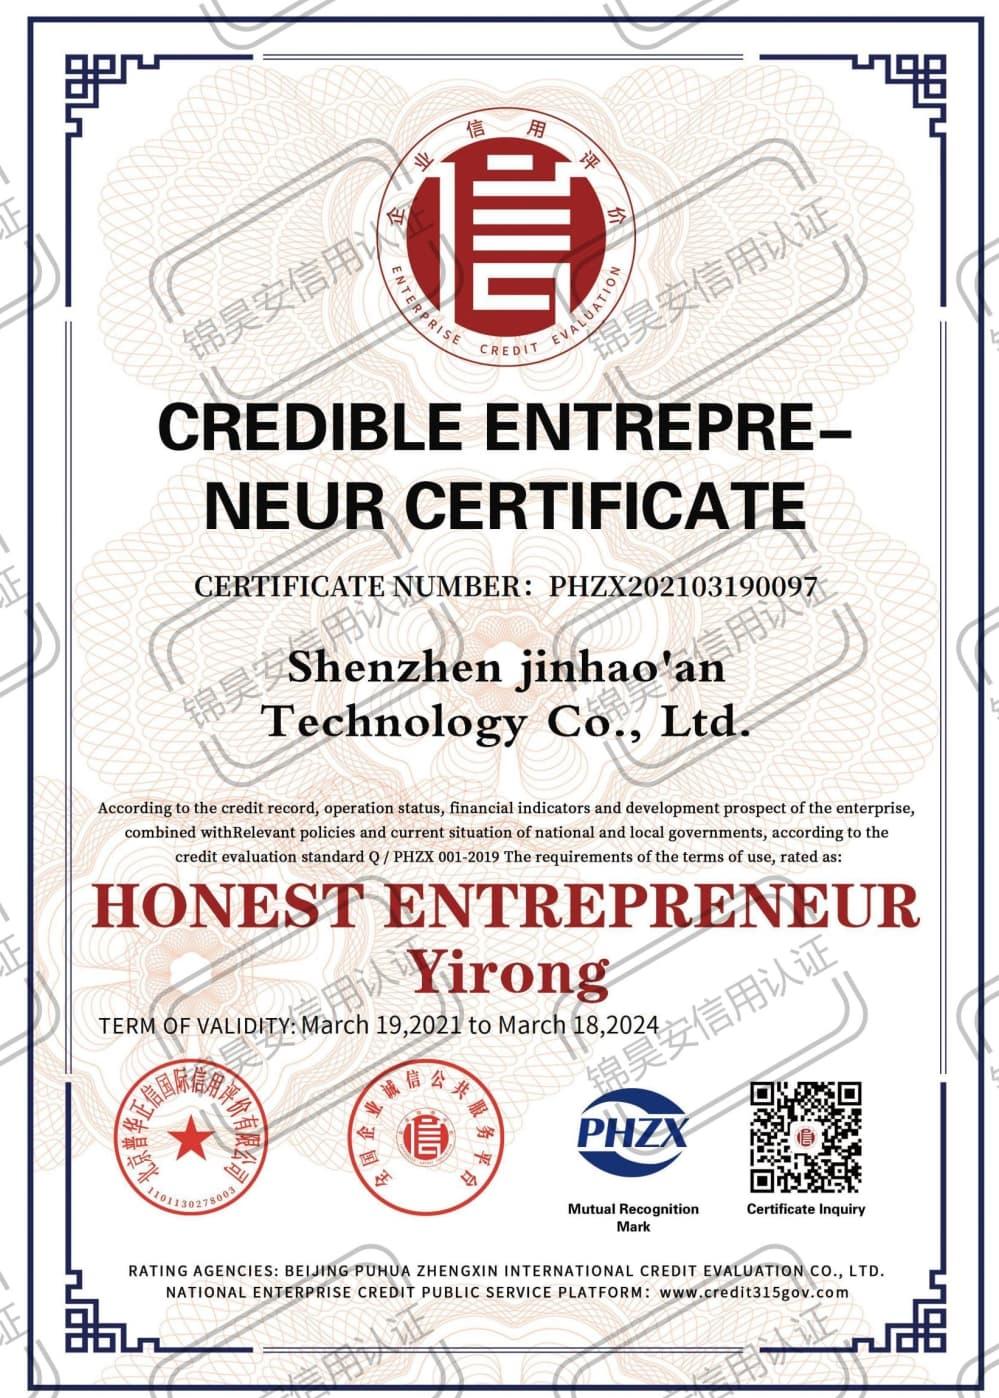 Credible Entrepreneur Certificate